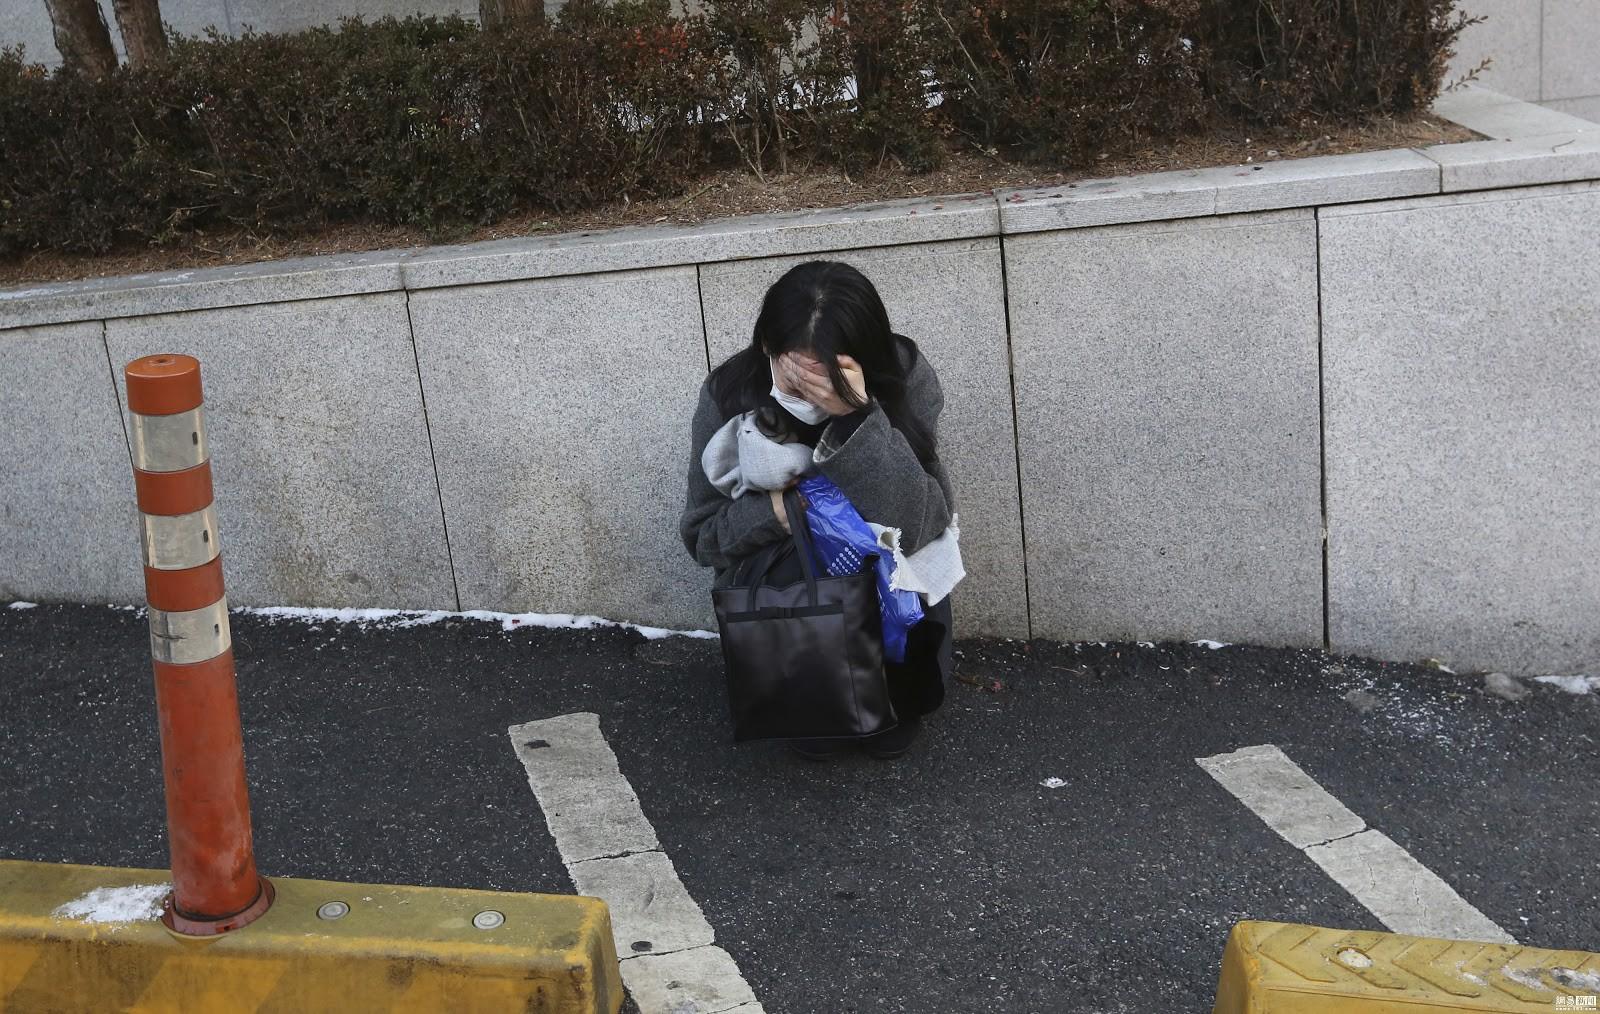 Góc khuất đằng sau một Hàn Quốc phát triển: Sự kỳ vọng của xã hội giết chết ước mơ của con người, tỷ lệ tự tử cao bậc nhất thế giới - Ảnh 3.